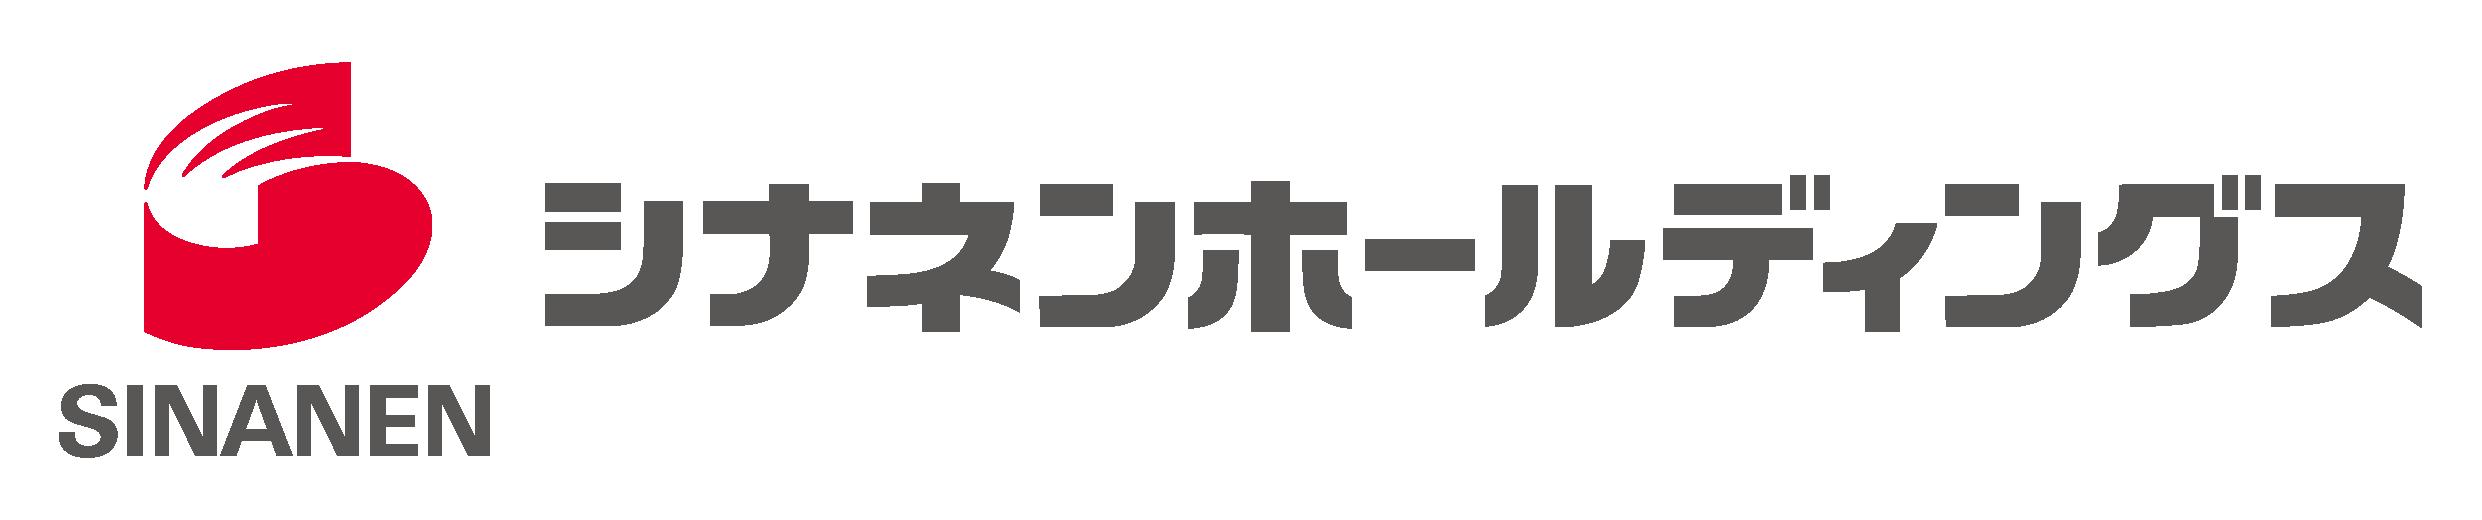 シナネンホールディングス株式会社ロゴ